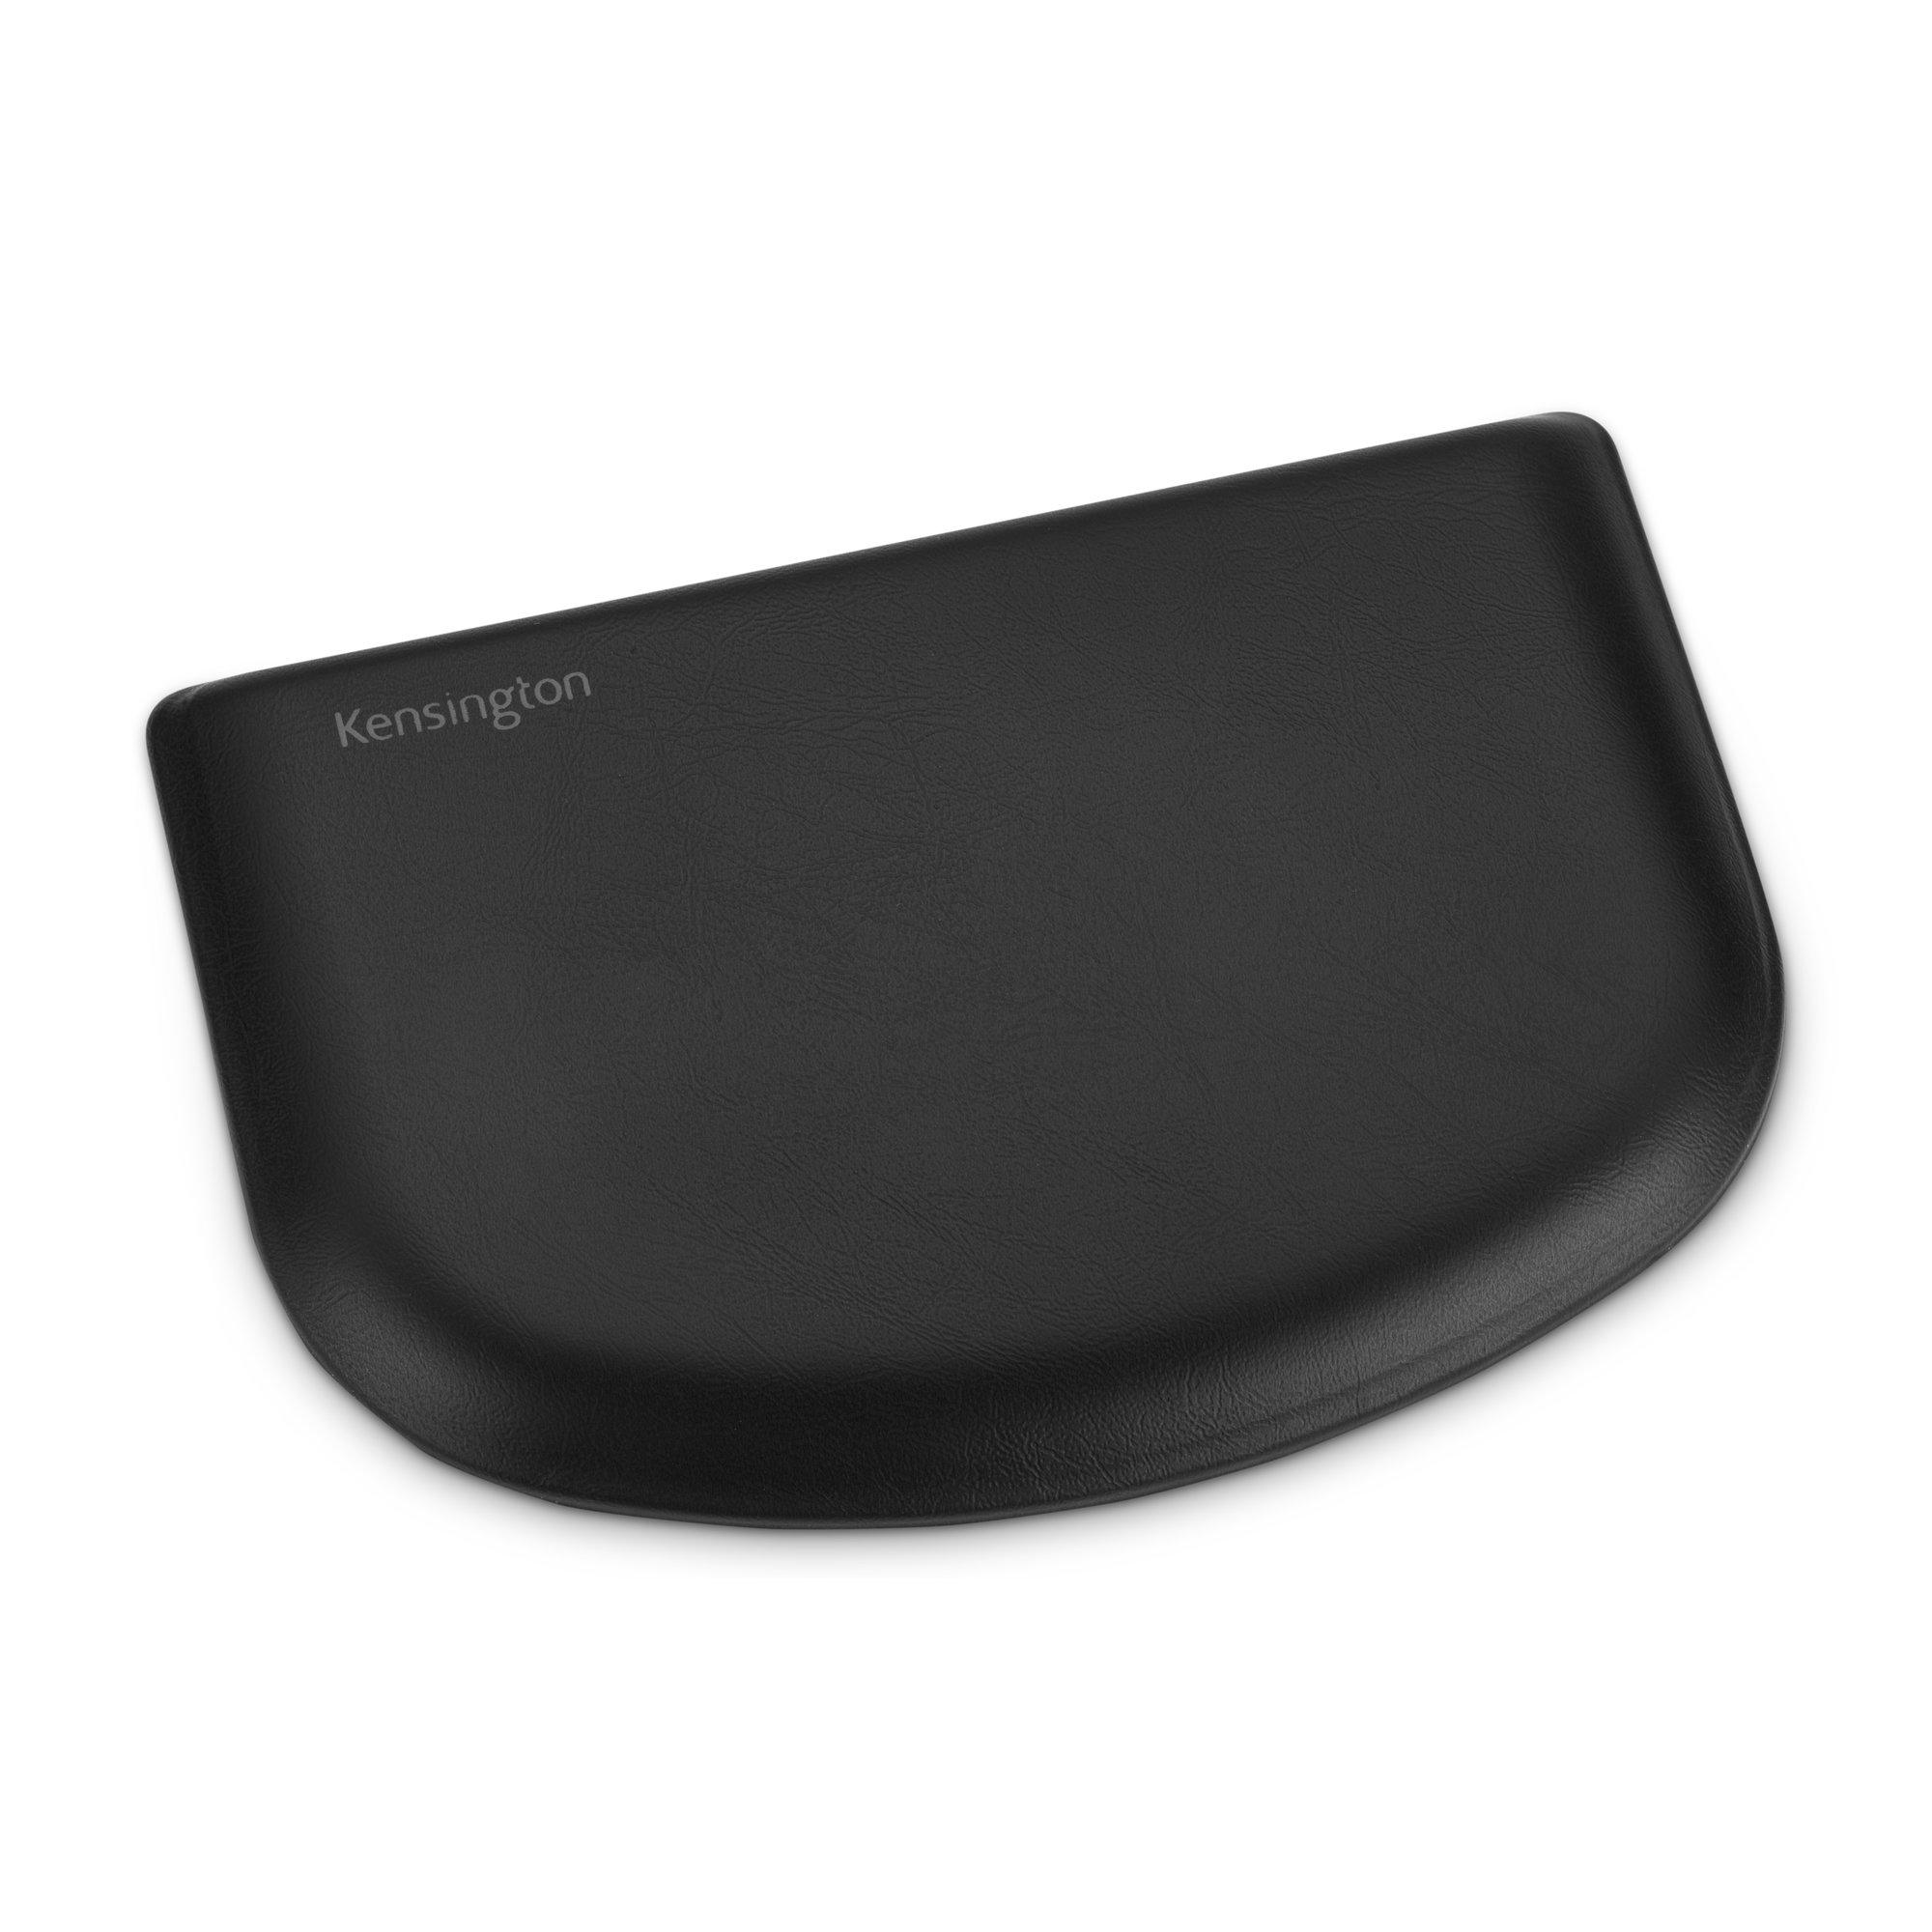 Kensington-ErgoSoft-Wrist-Rest-for-Slim-Mouse-Trackpad-Mouse-pad-grey-K52803EU miniatura 2